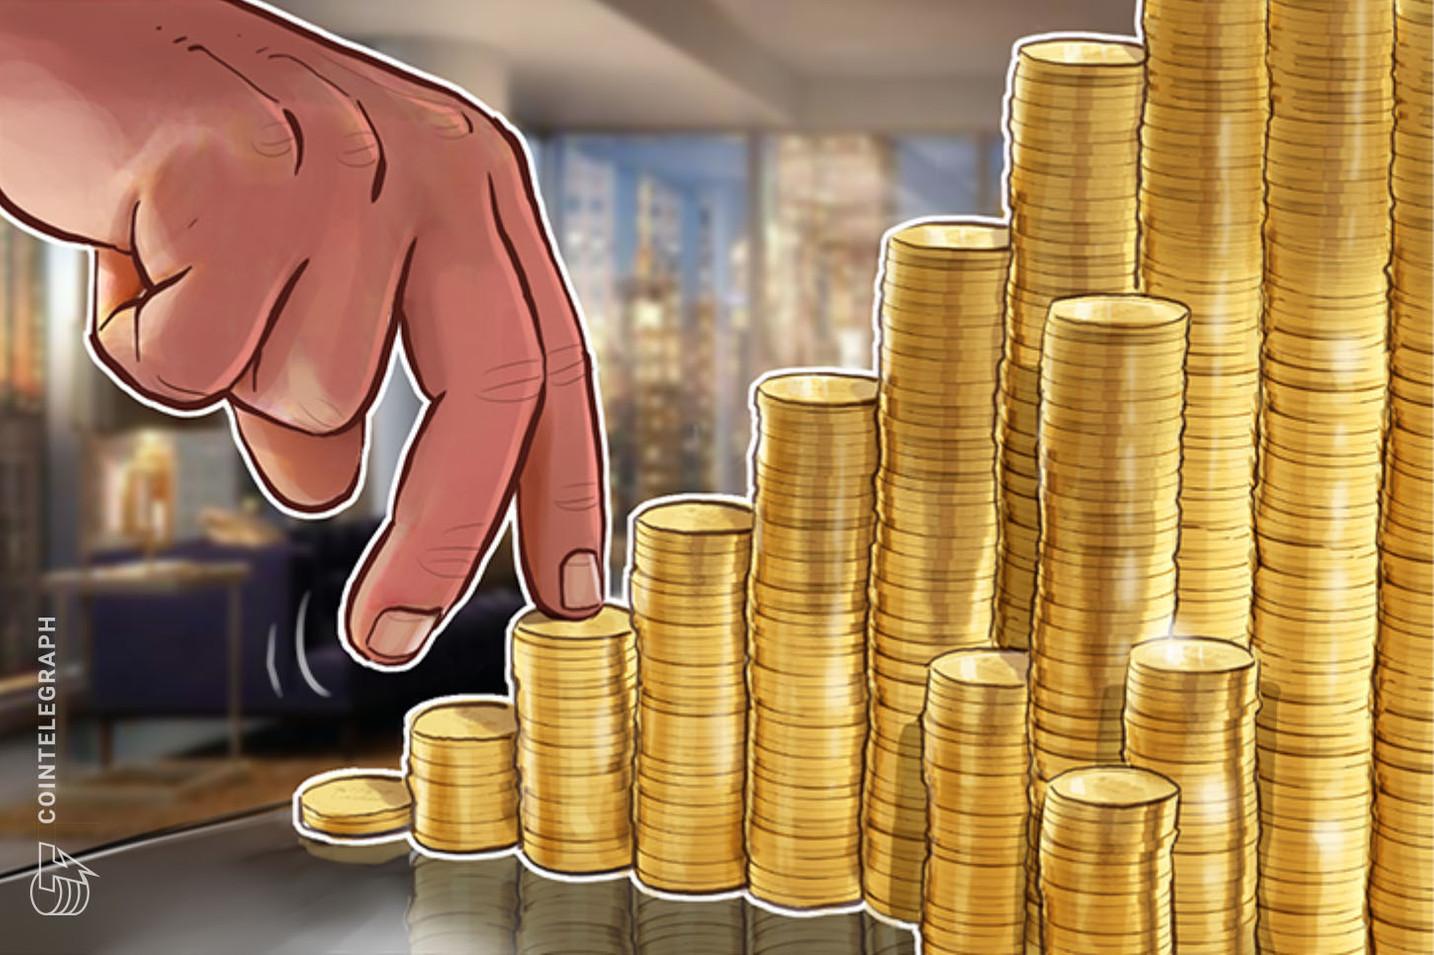 Las tenencias de Bitcoin de MicroStrategy parecen estar pagando más que su negocio